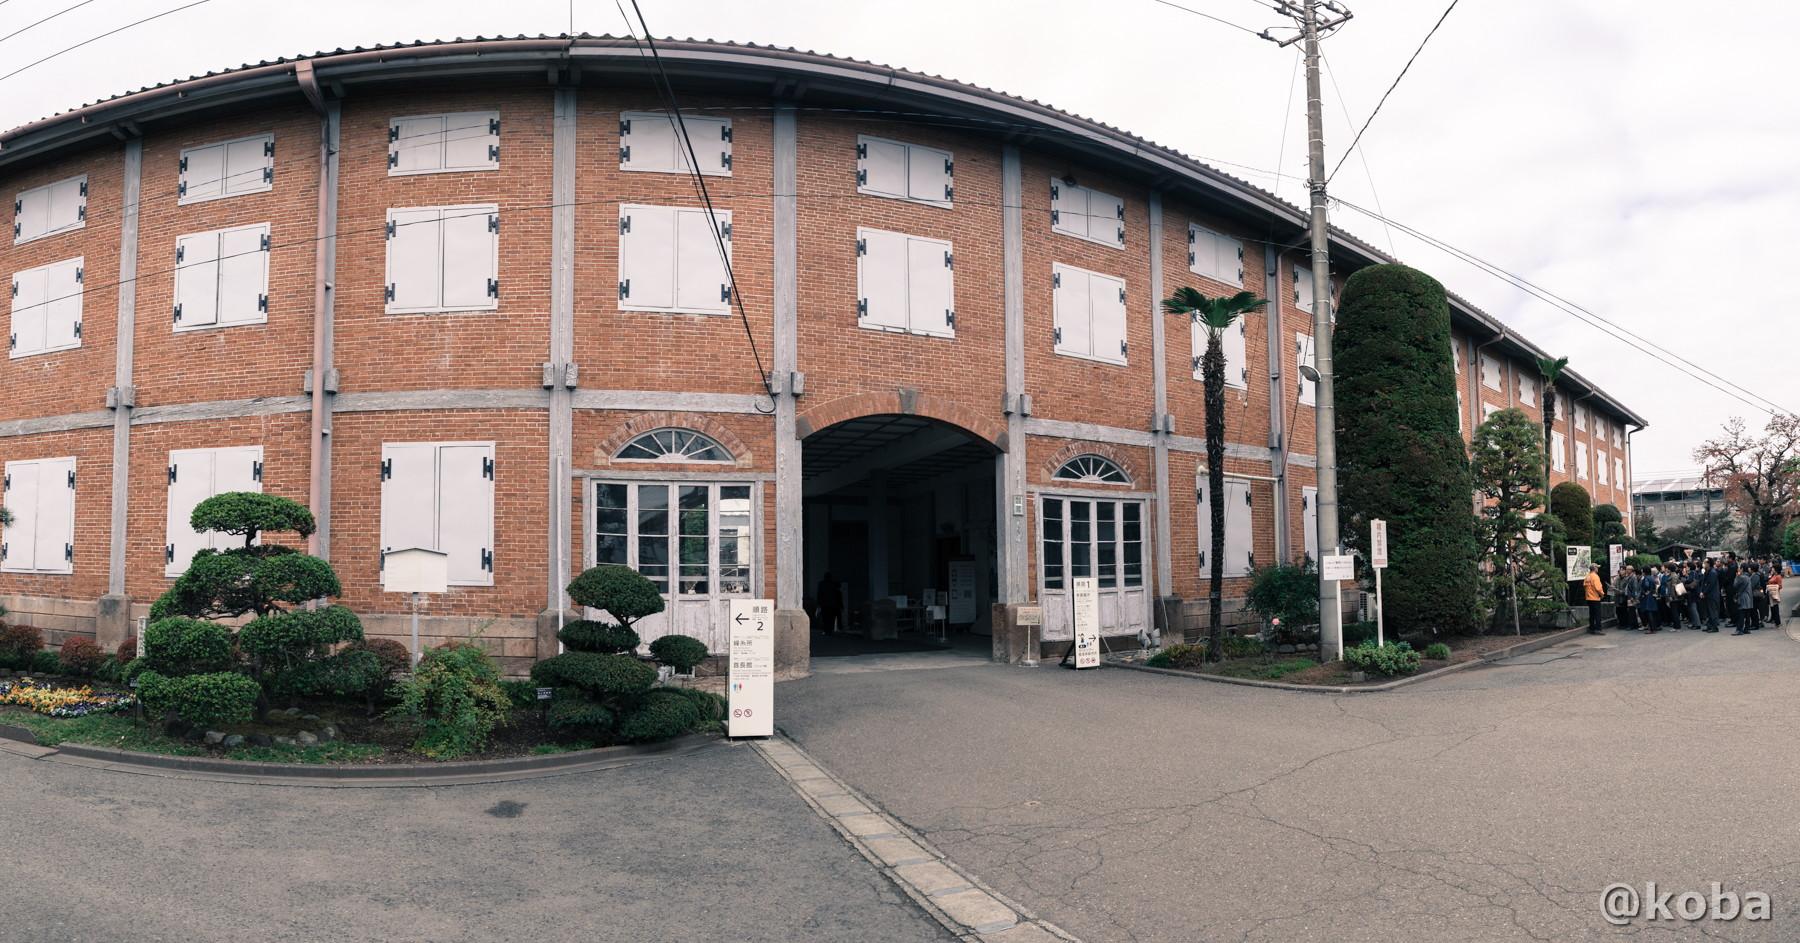 東置繭所 パノラマ写真│富岡製糸場 世界遺産│群馬県